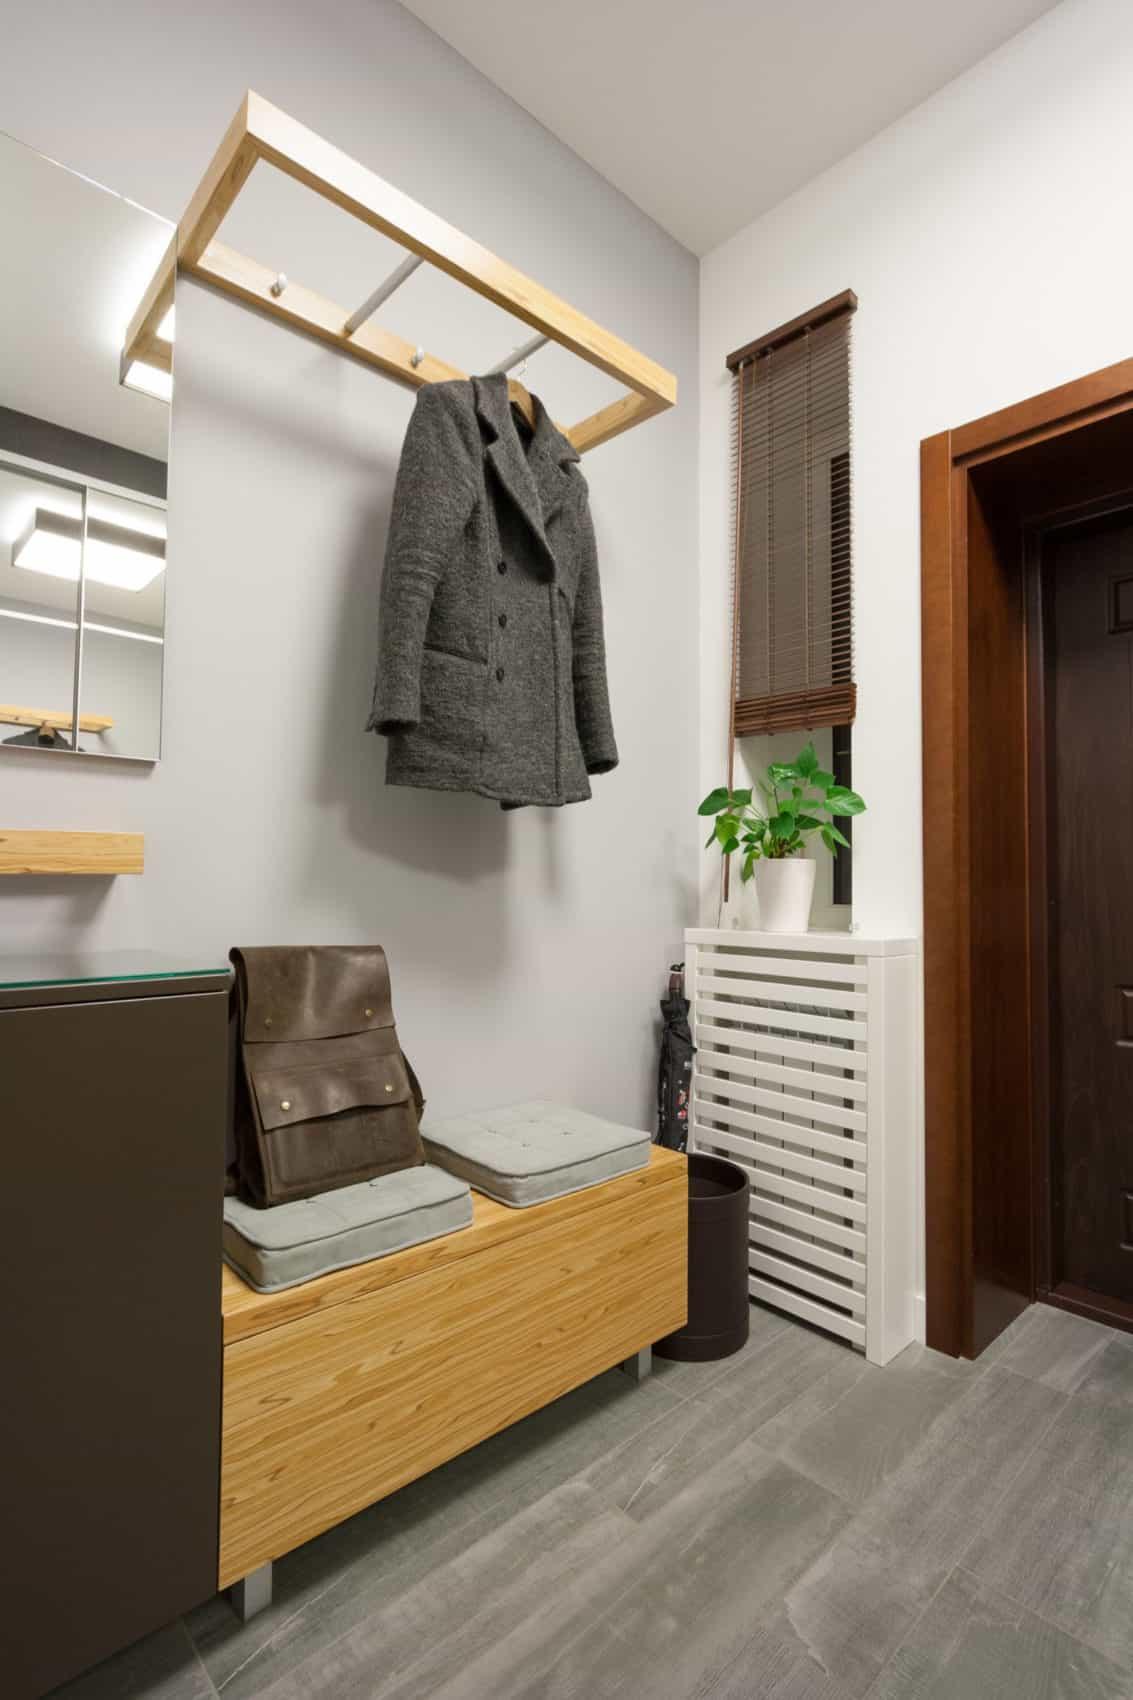 Riba House by SVOYA Studio (1)